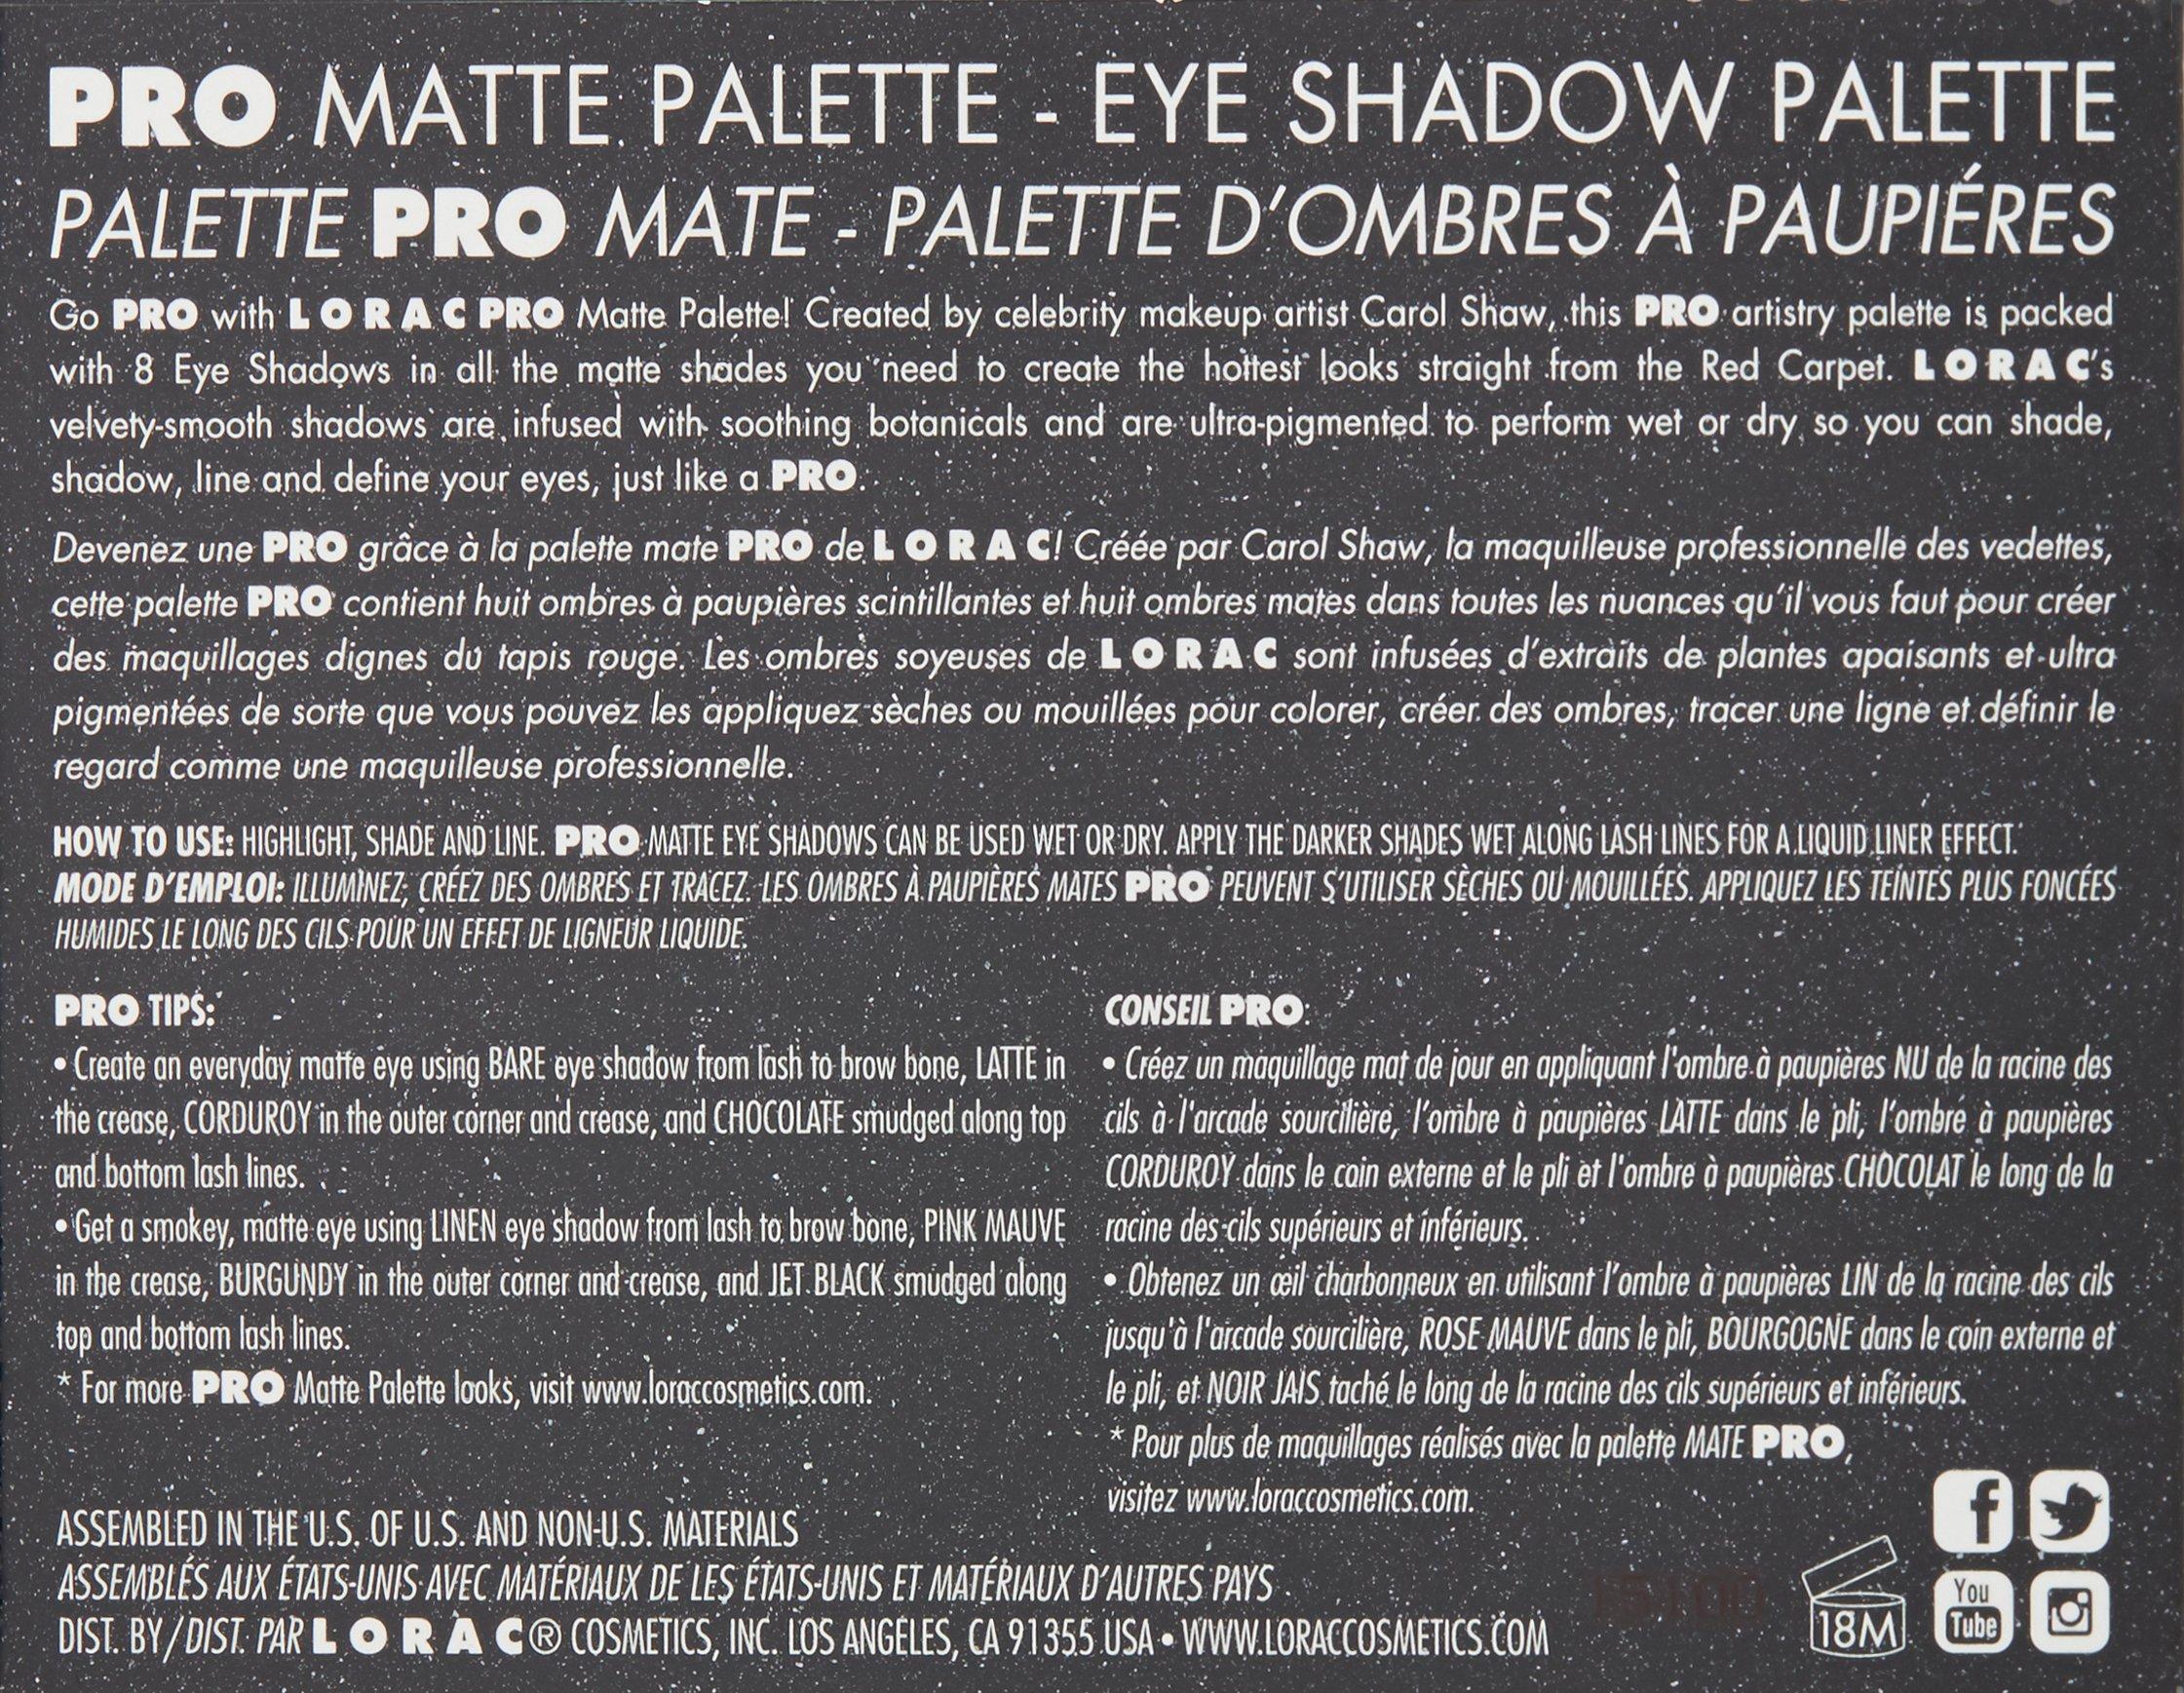 LORAC Pro Matte Eye Shadow Palette by LORAC (Image #3)